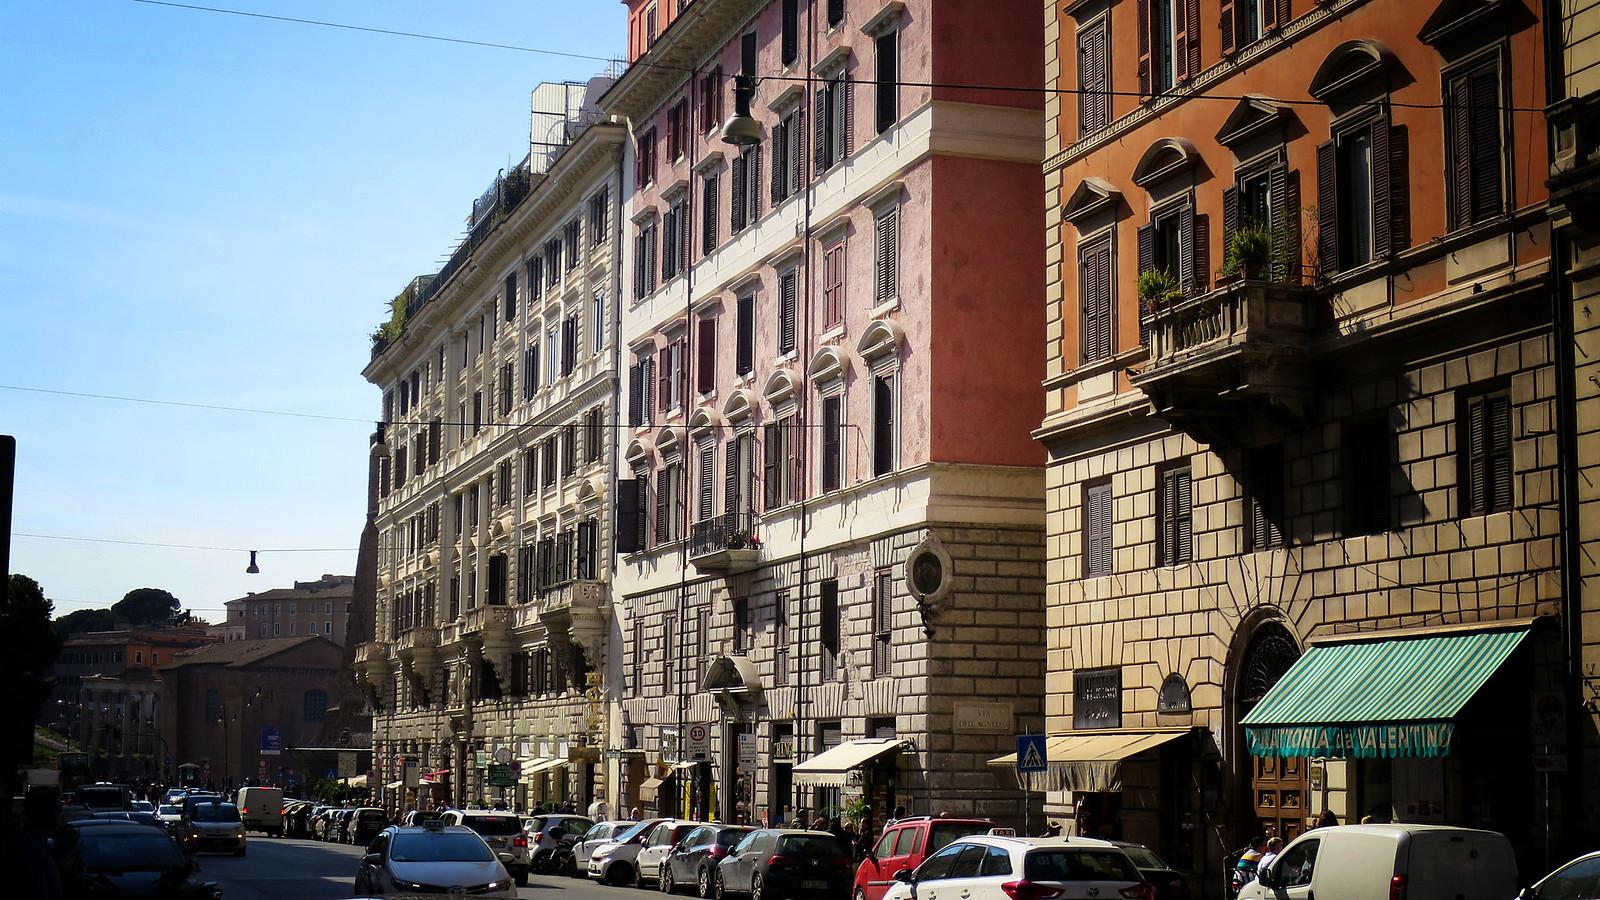 Roma: Termini - Altare della Patria - Palazzo del Quirinale - Fontana di Trevi - Piazza Colona - Palazzo Montecitorio - Pantheon - Piazza Navona - Colosseo